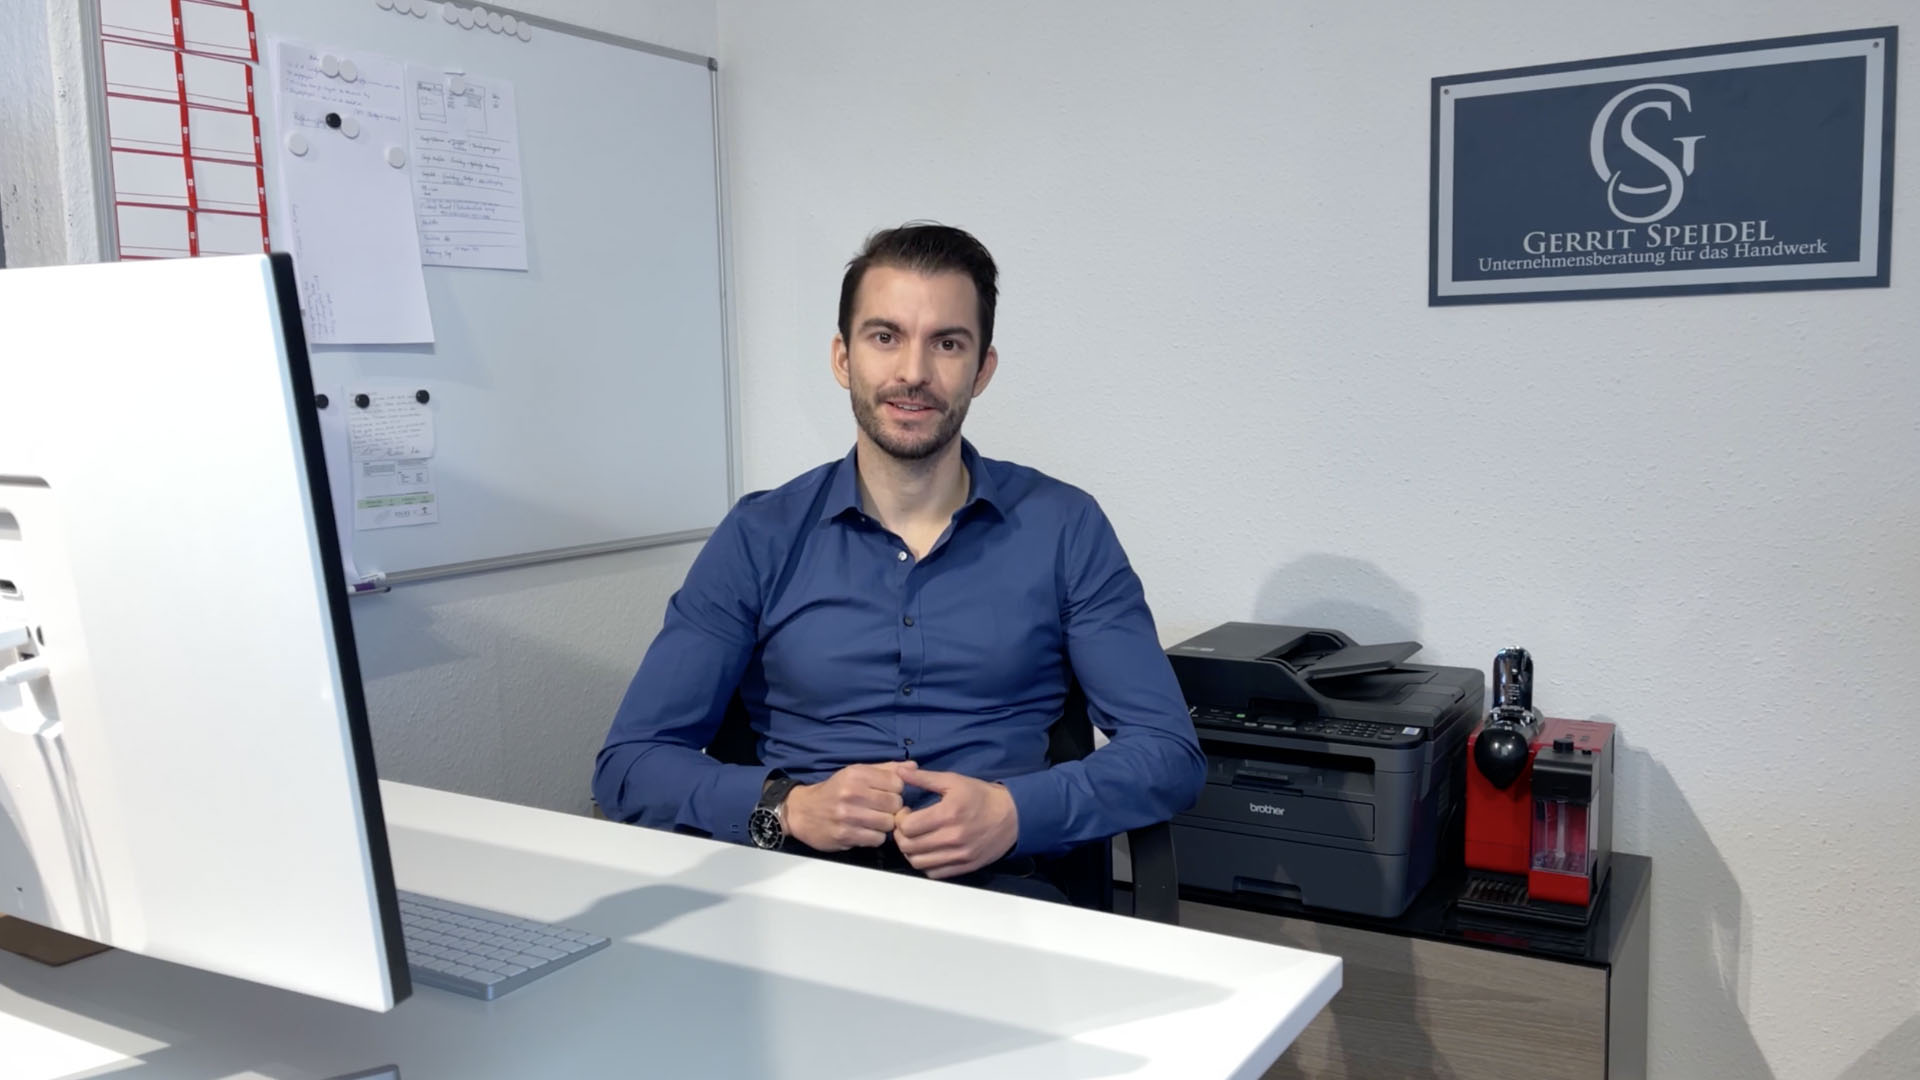 Gerrit Speidel im Büro